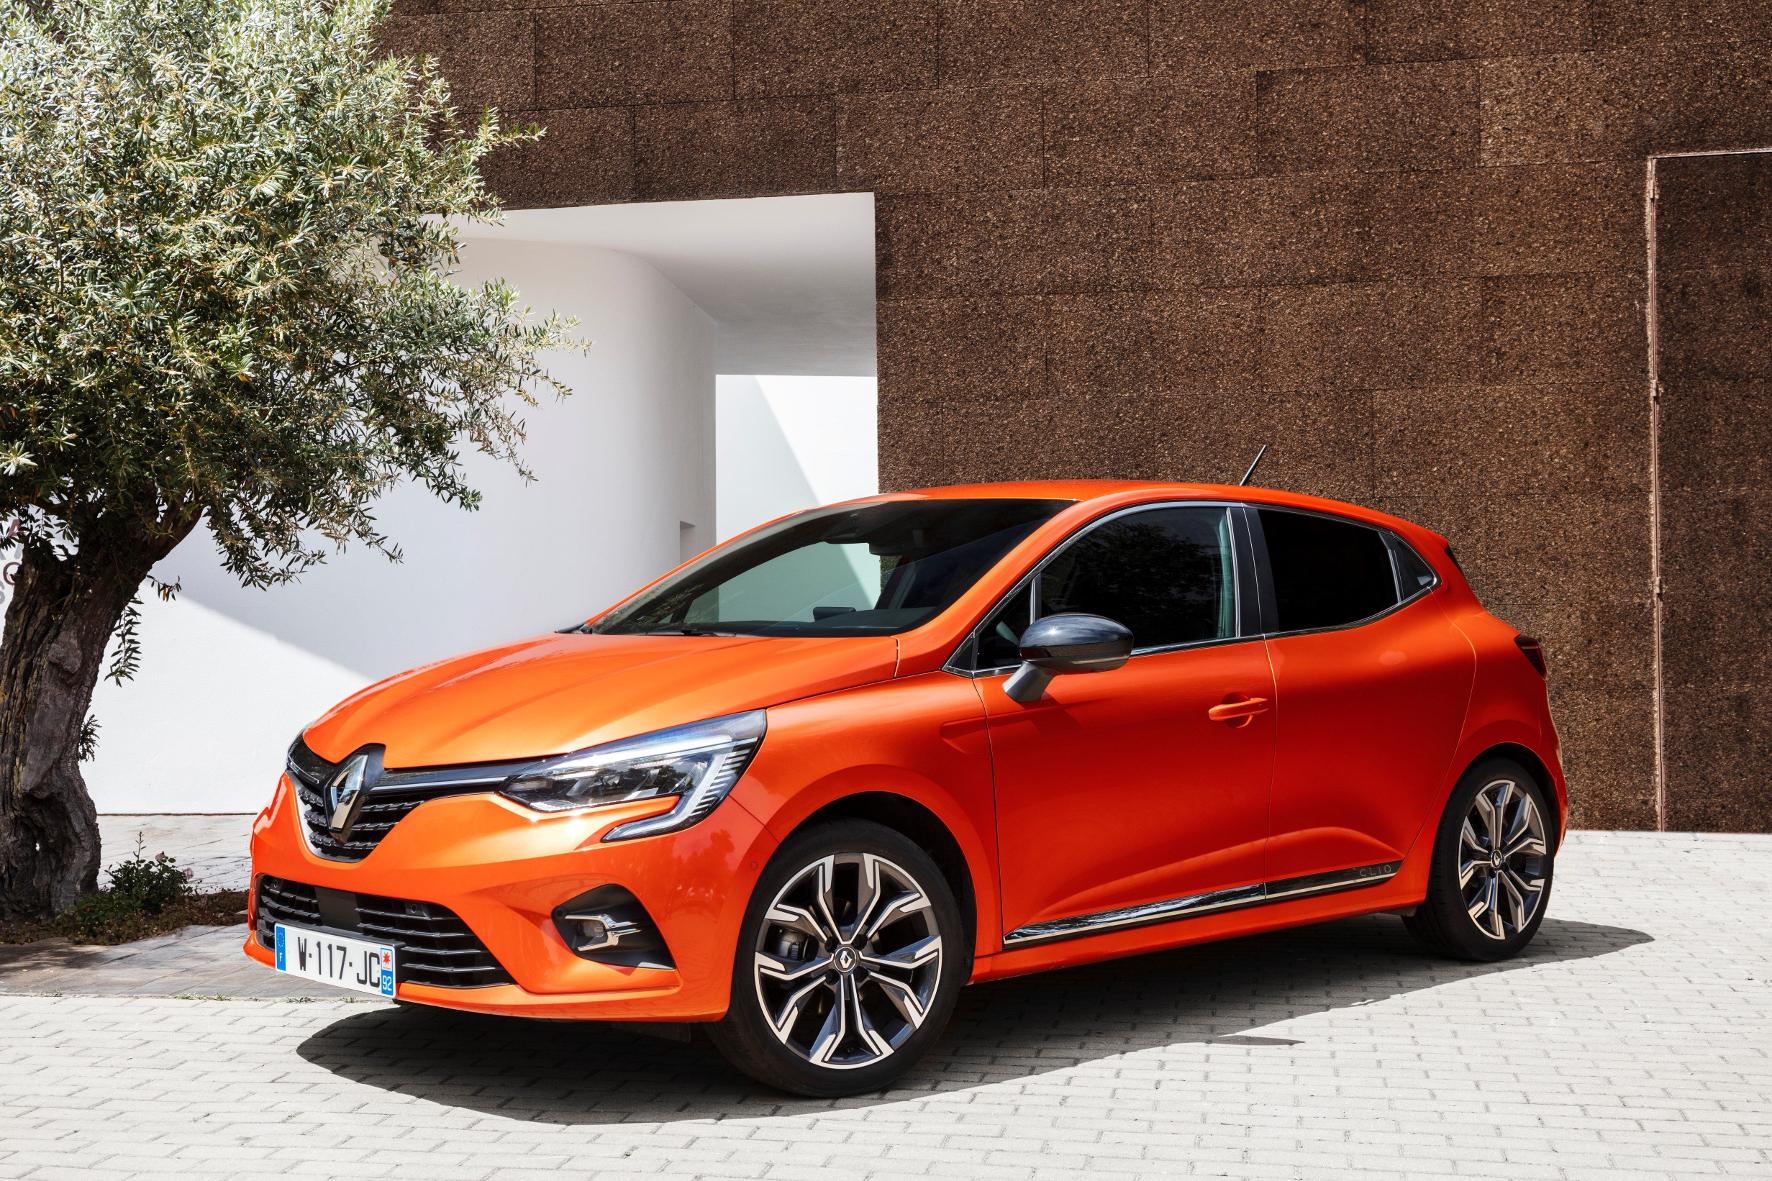 mid Groß-Gerau - Der Renault Clio fährt im Herbst 2019 in fünfter Generation zu den Händlern. Renault